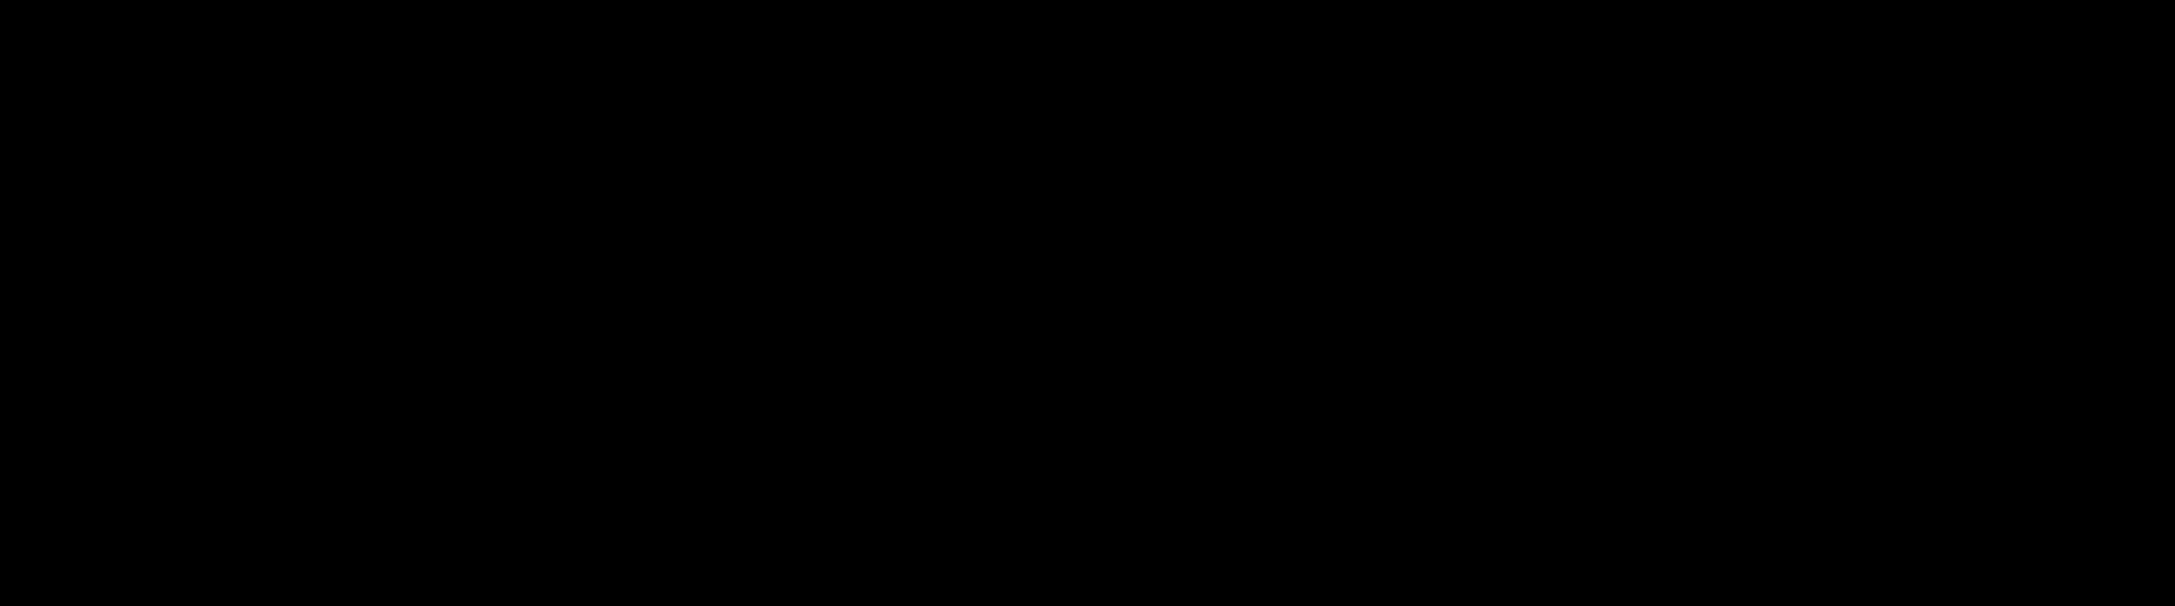 bannière png